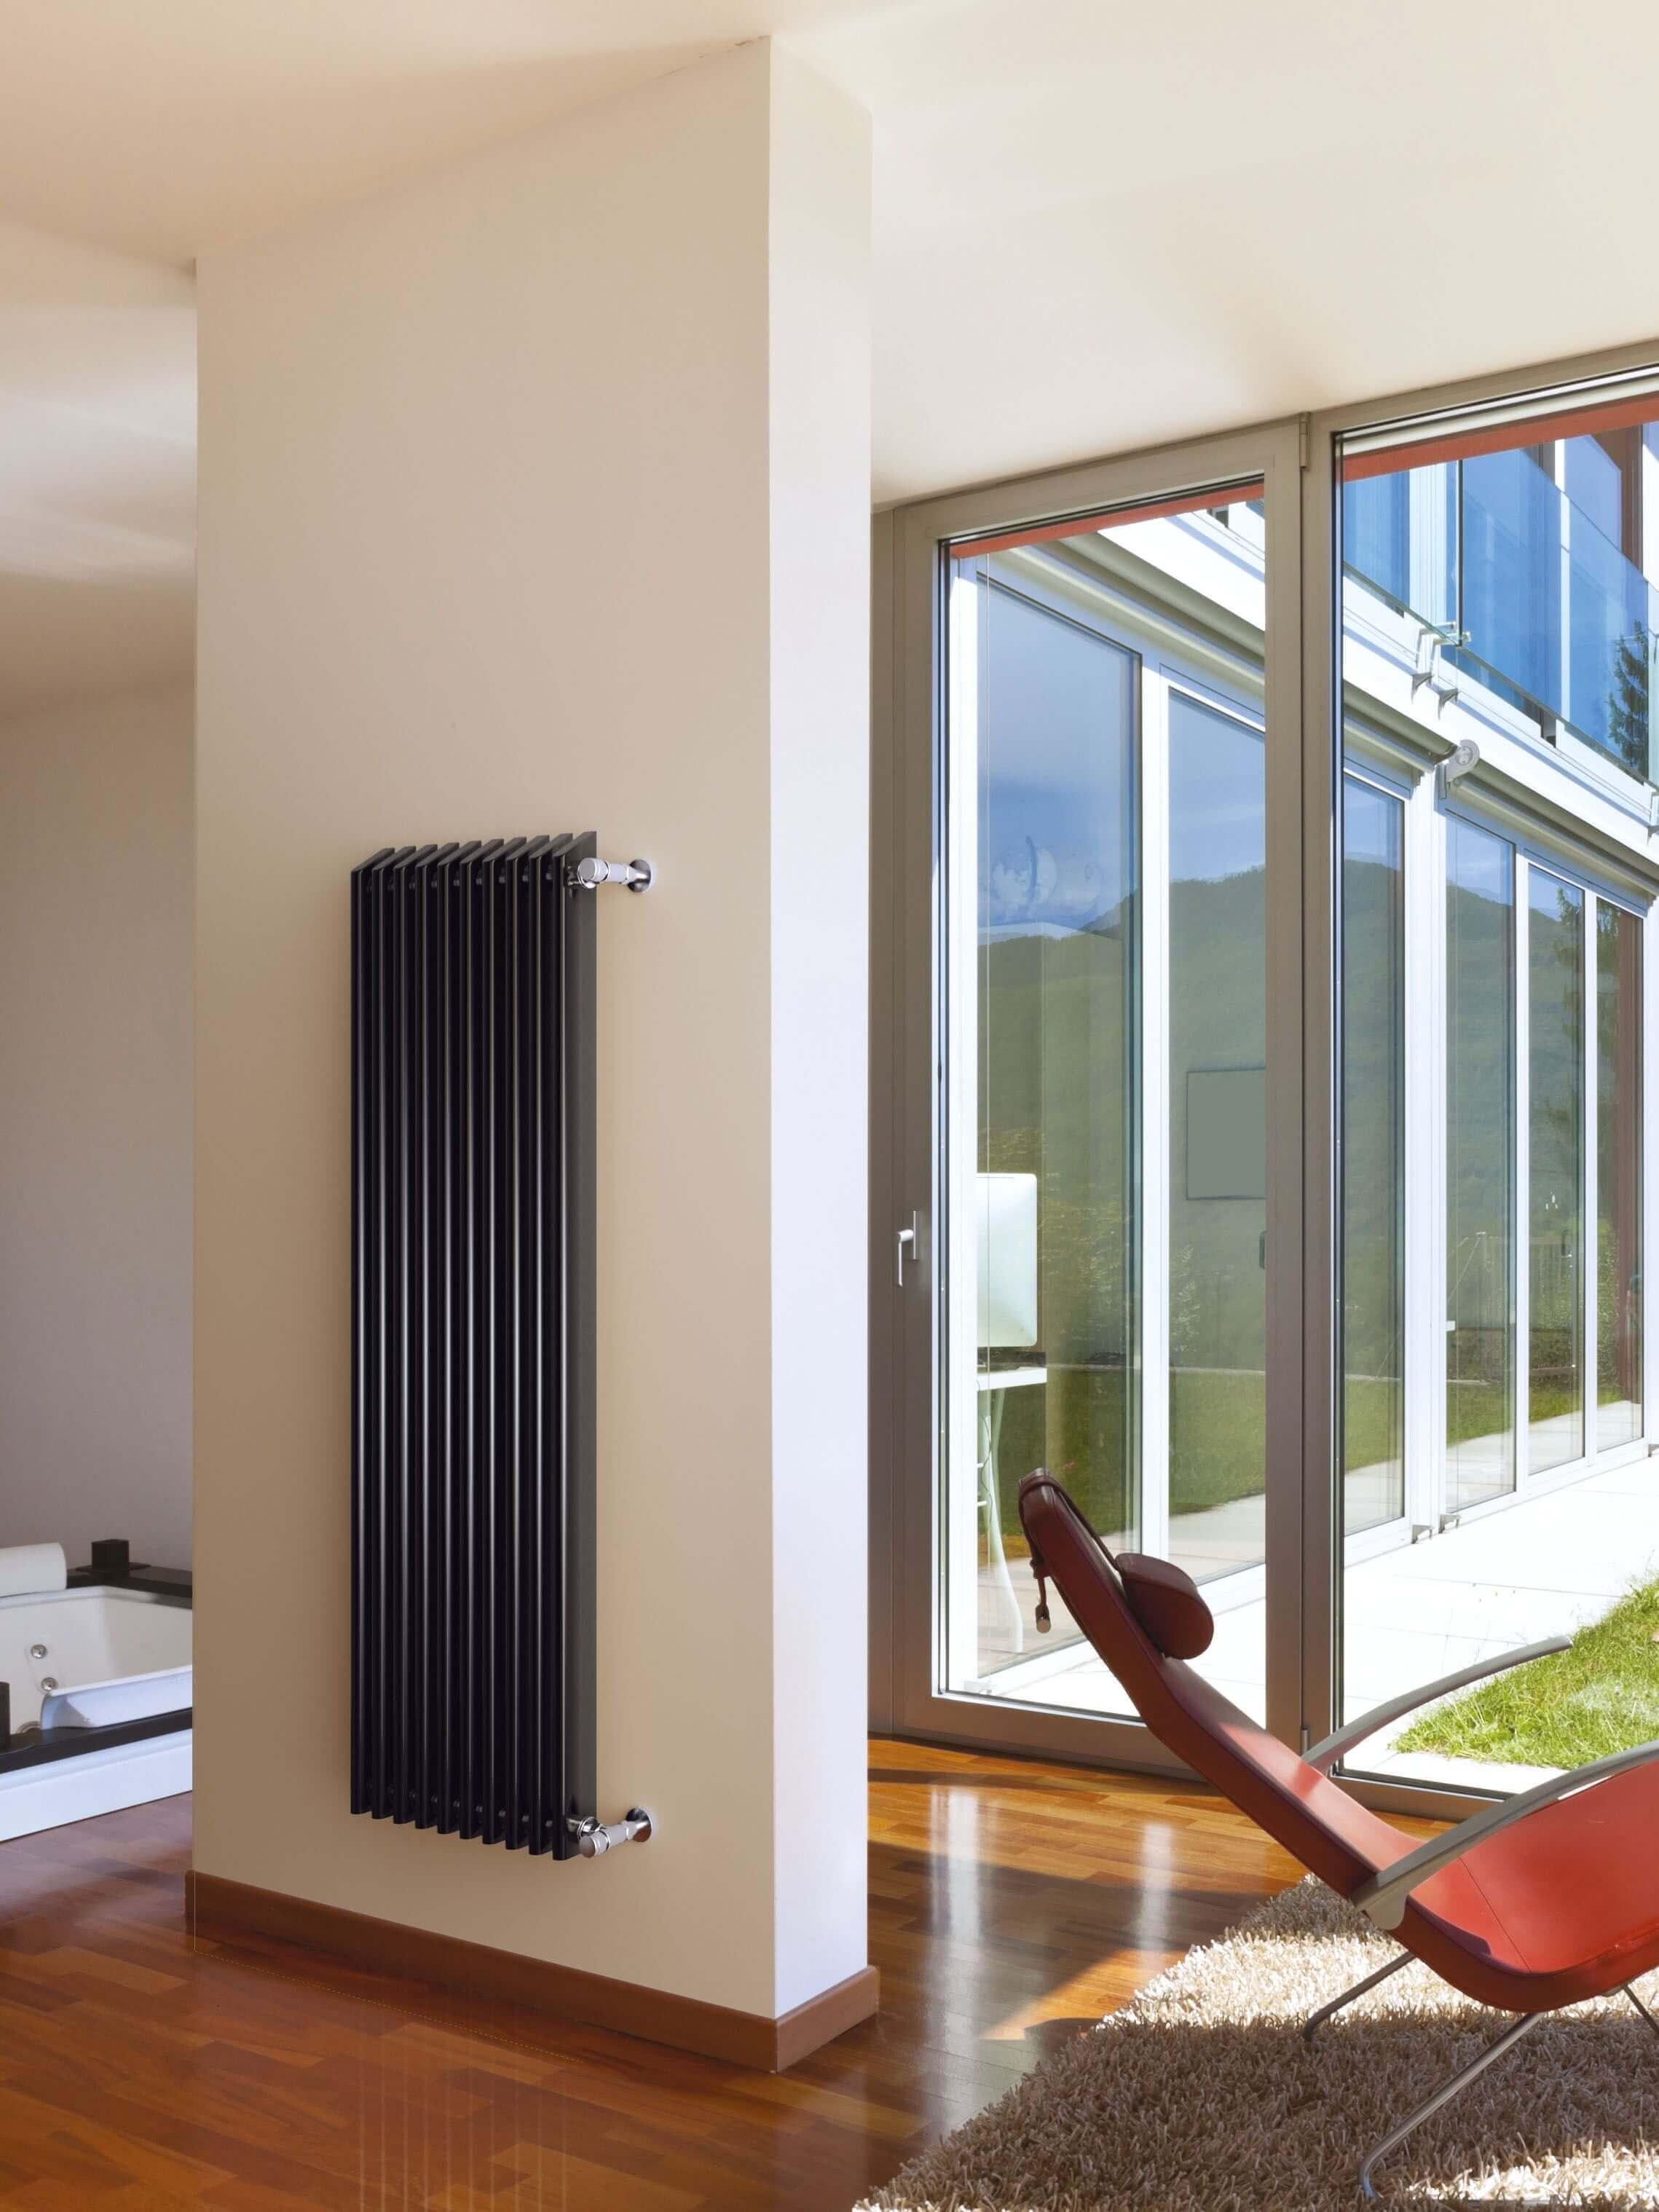 scirocco-h-mistral-radiator